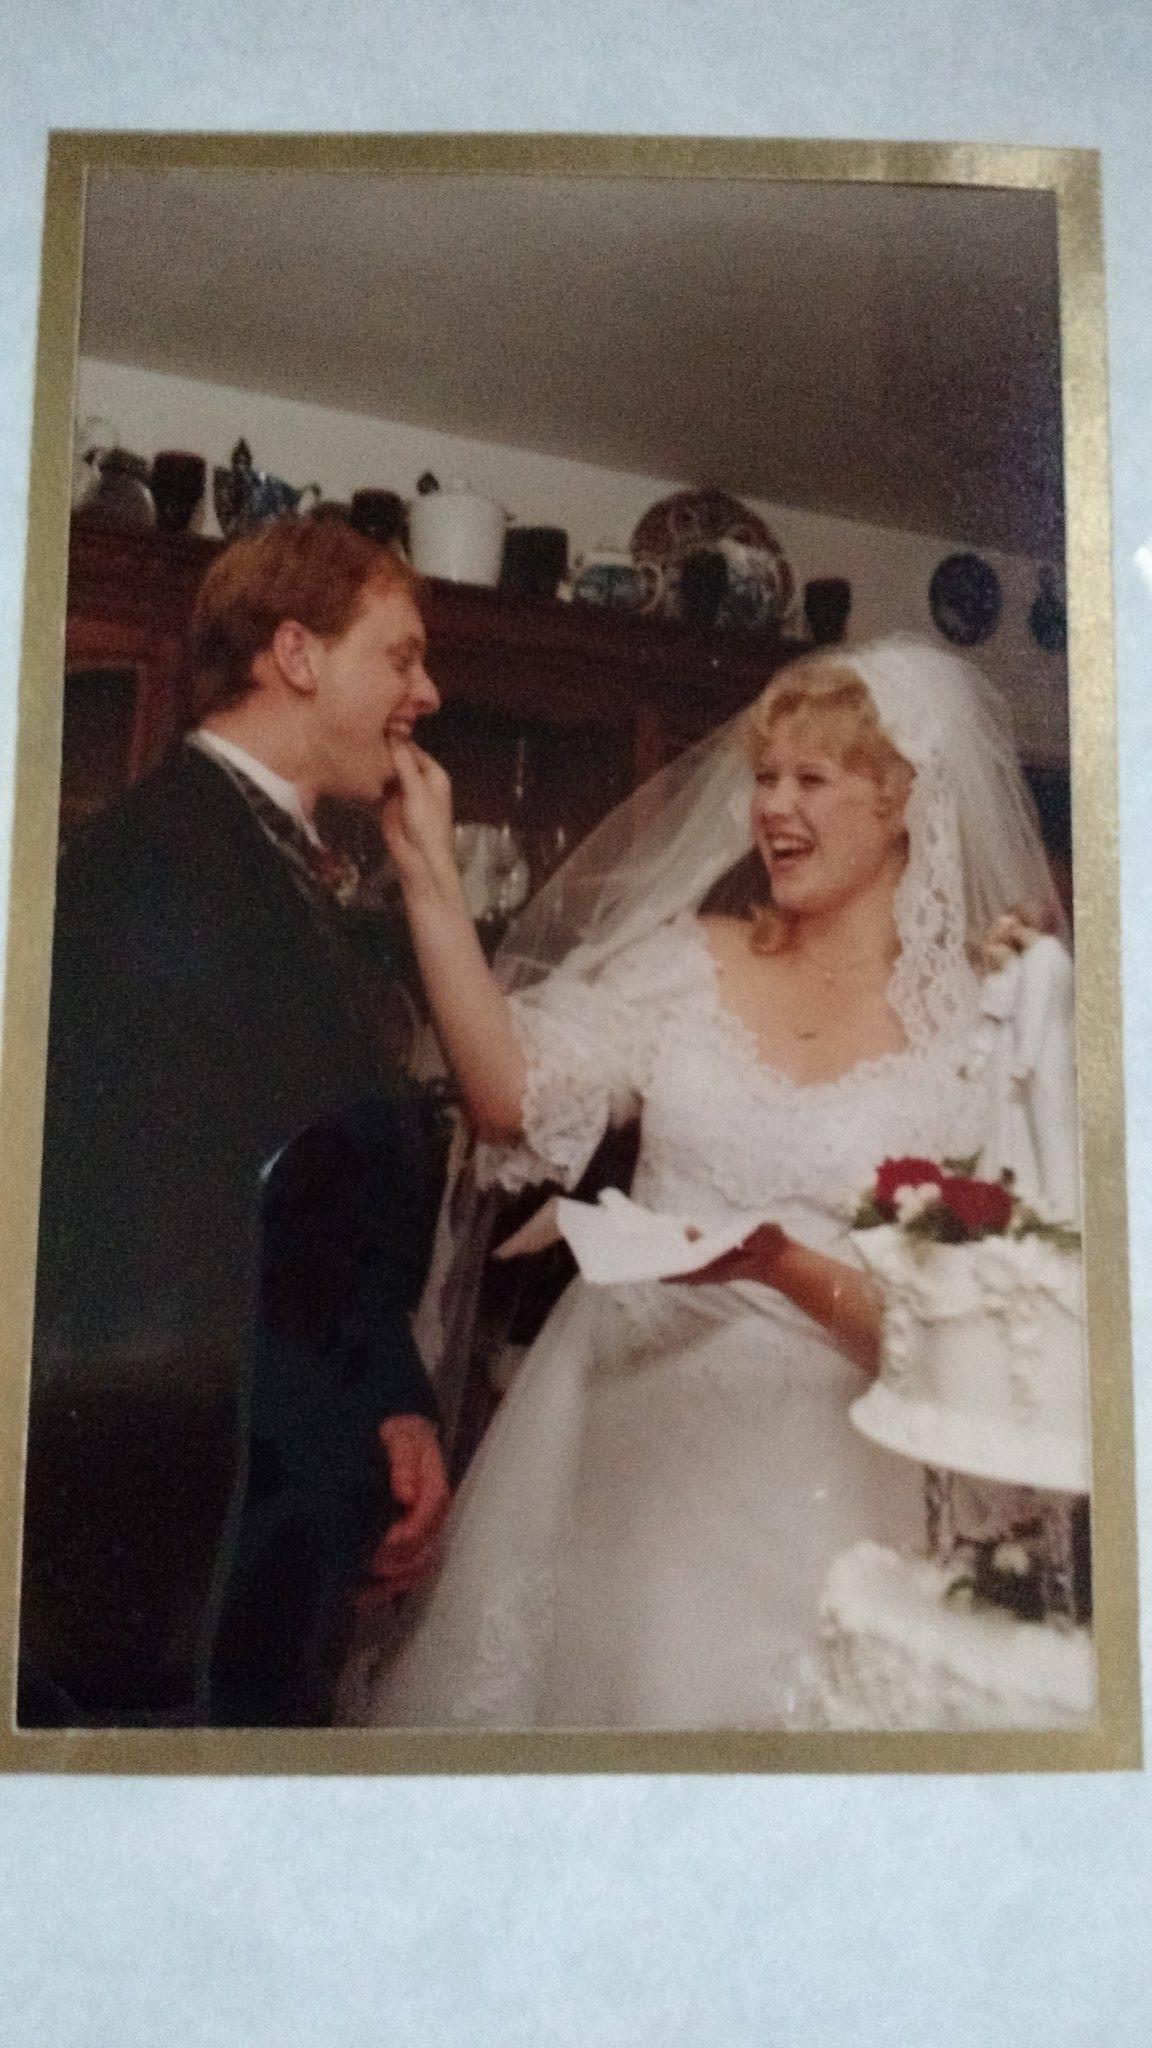 October 20, 1984 - reception